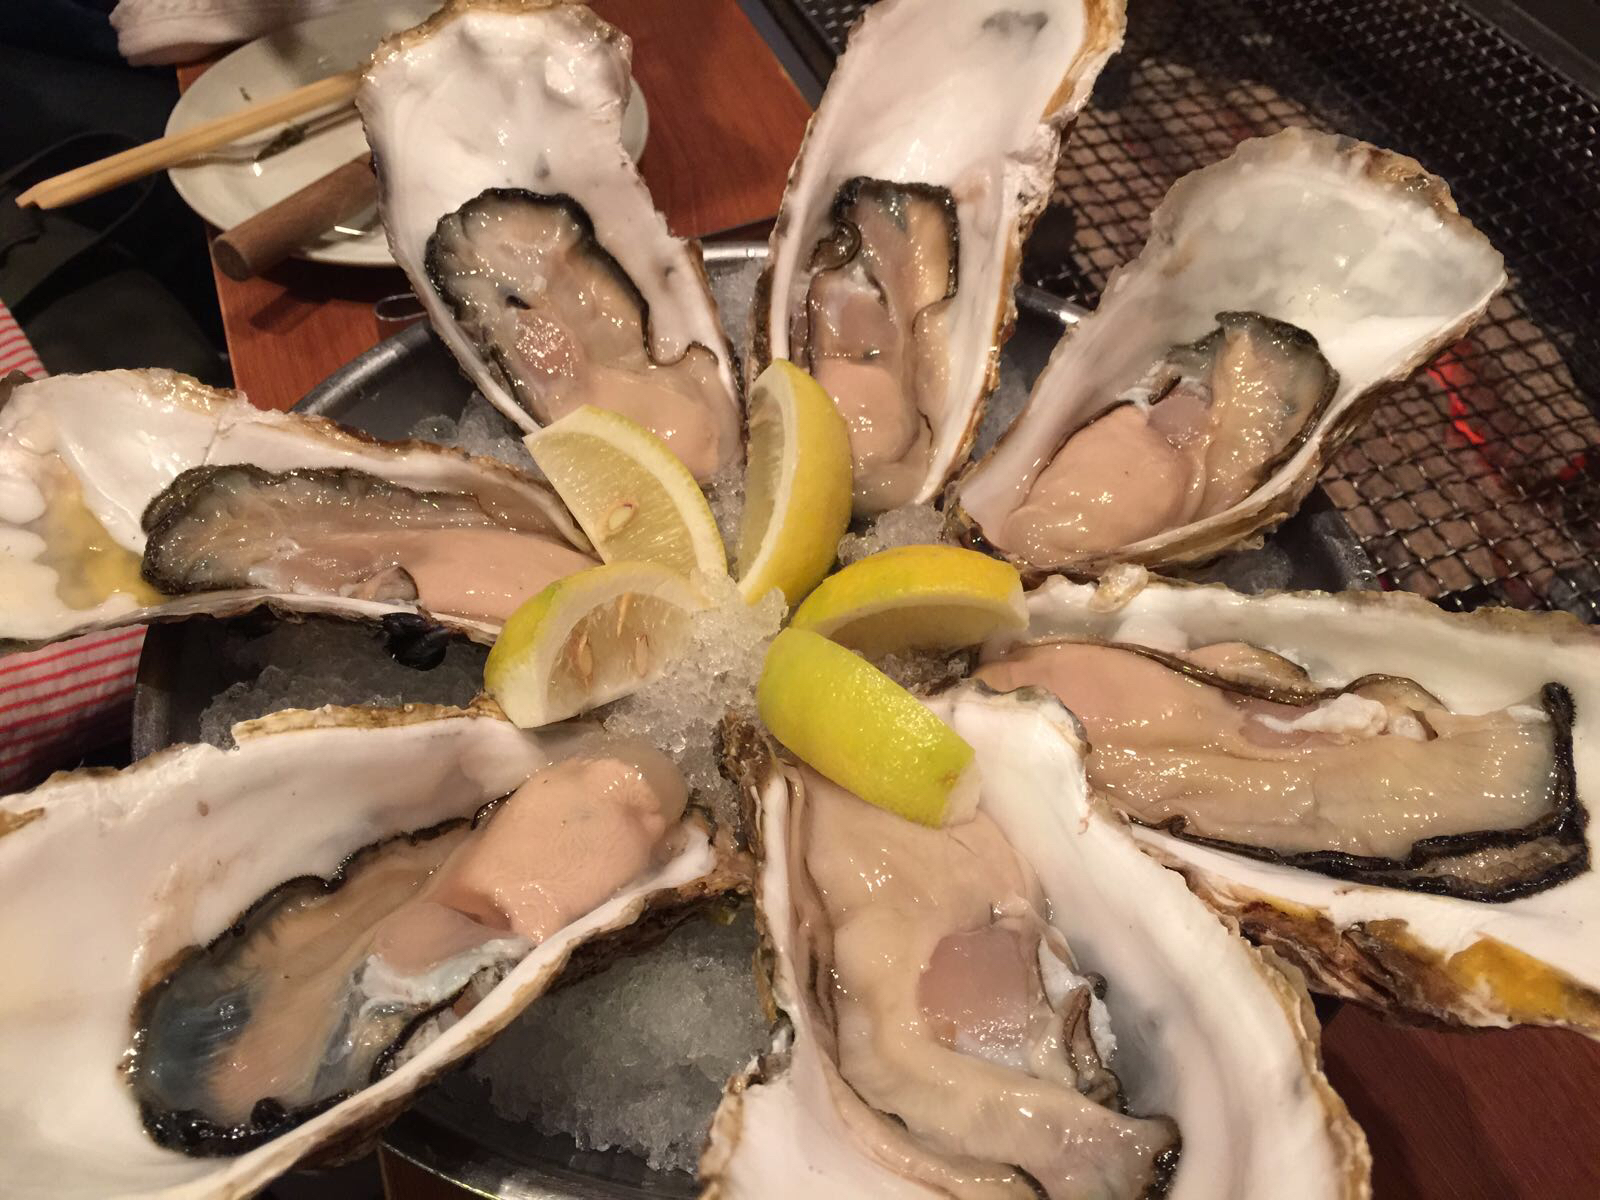 恵比寿の牡蠣専門店・「かき小屋」で数種類の生牡蠣、焼き牡蠣、調理牡蠣を美味しく頂いてきました